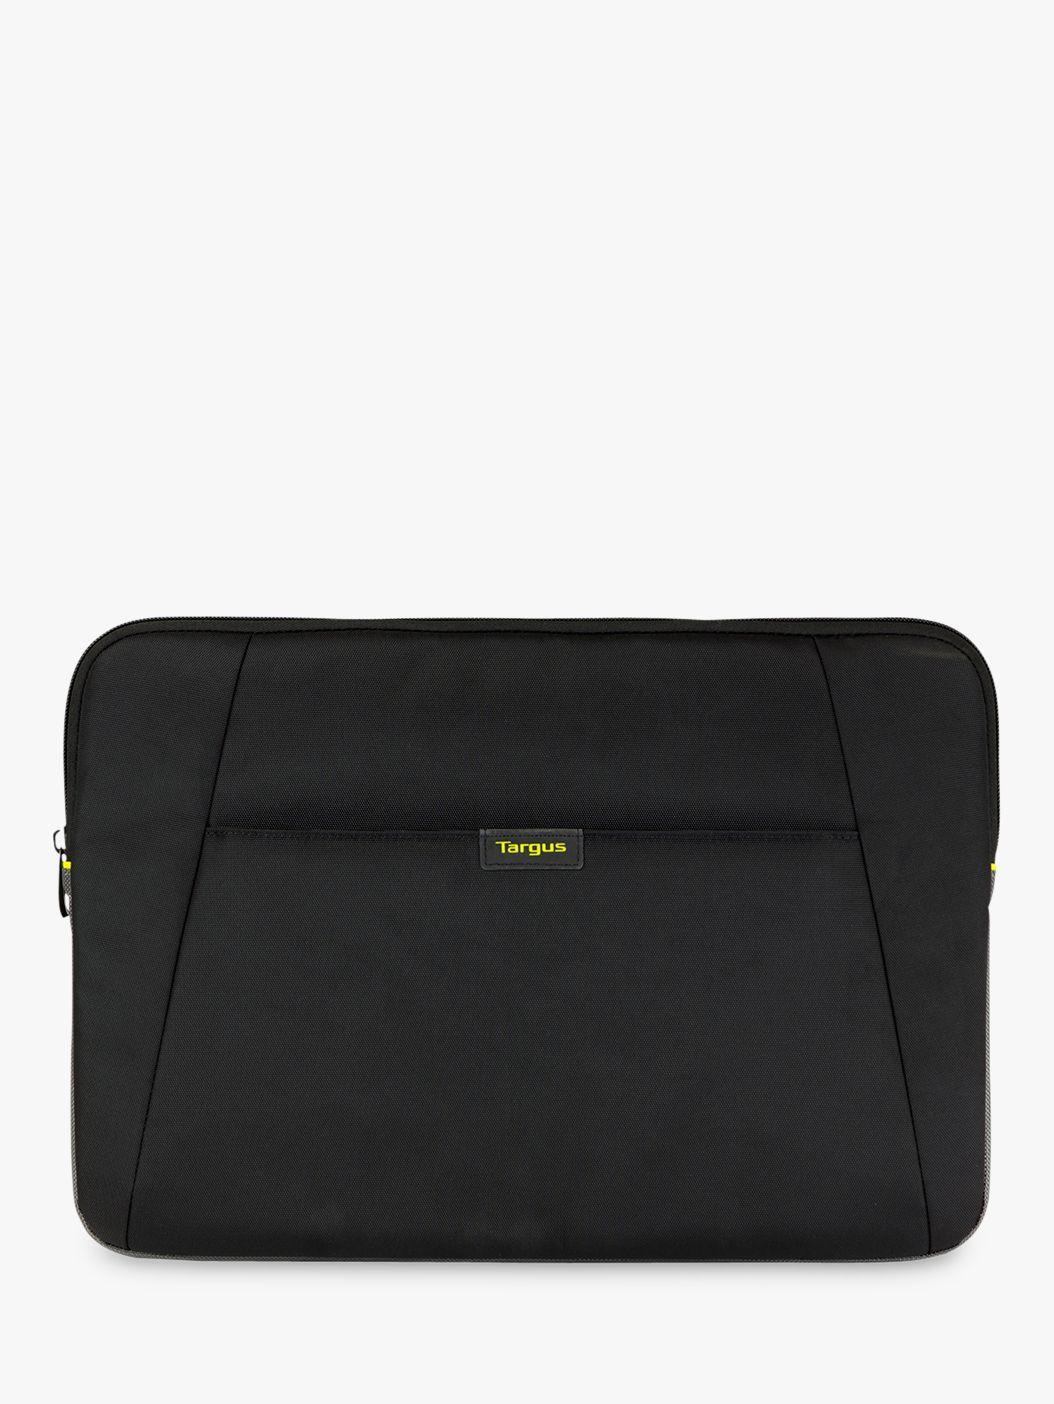 Targus Targus City Gear Sleeve for Laptops up to 14, Black